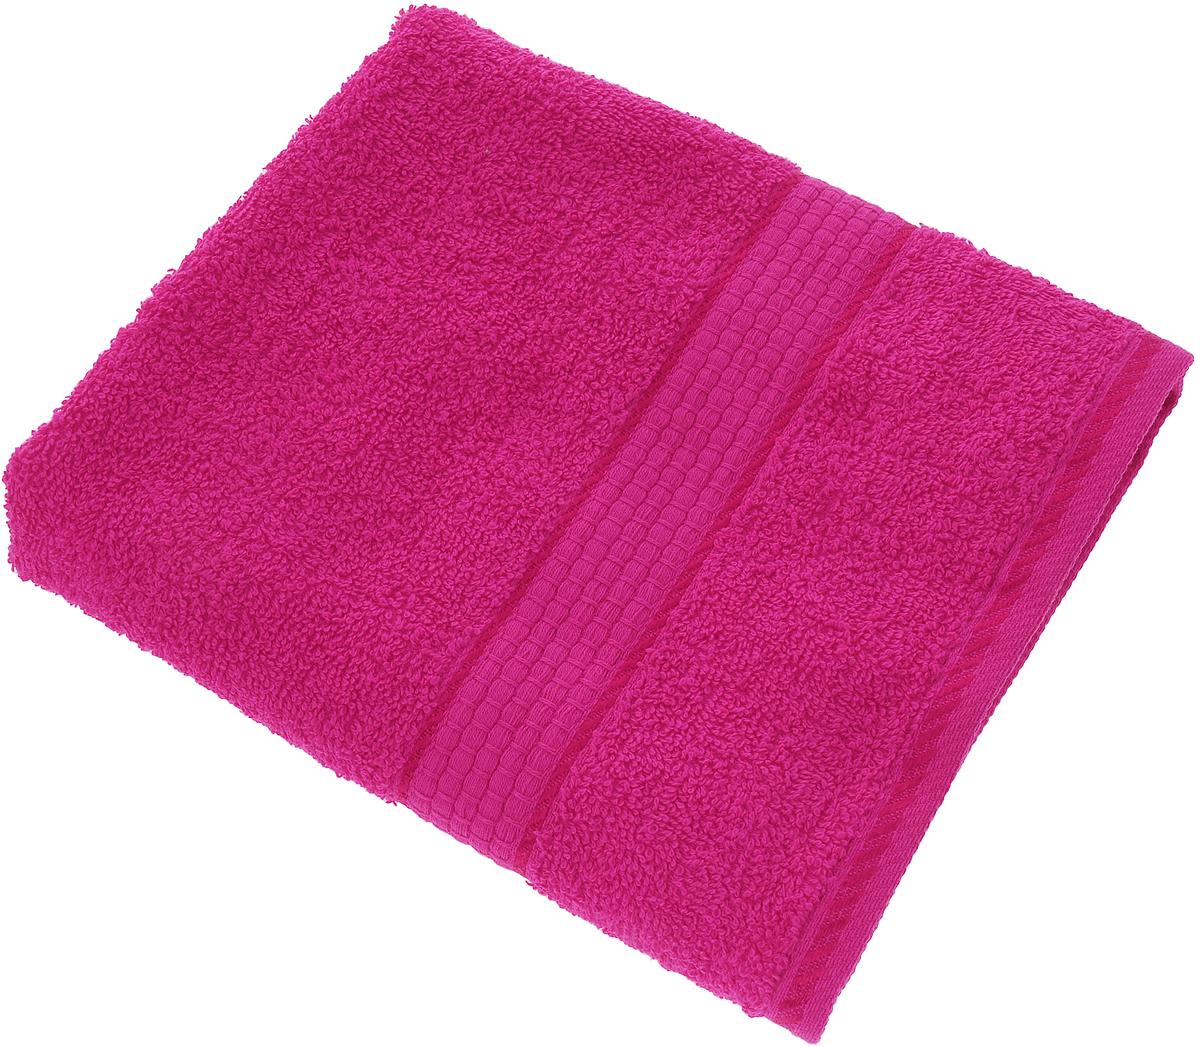 Полотенце Aisha Home Textile, цвет: фуксия, 50 х 90 смУзТ-ПМ-112-08-28кМахровые полотенца AISHA Home Textile идеальное сочетание цены и качества. Полотенца упакованы в стильную подарочную коробку. В состав входит только натуральное волокно - хлопок. Лаконичные бордюры подойдут для любого интерьера ванной комнаты. Полотенца прекрасно впитывает влагу и быстро сохнут. При соблюдении рекомендаций по уходу не линяют и не теряют форму даже после многократных стирок. Состав: 100% хлопок.